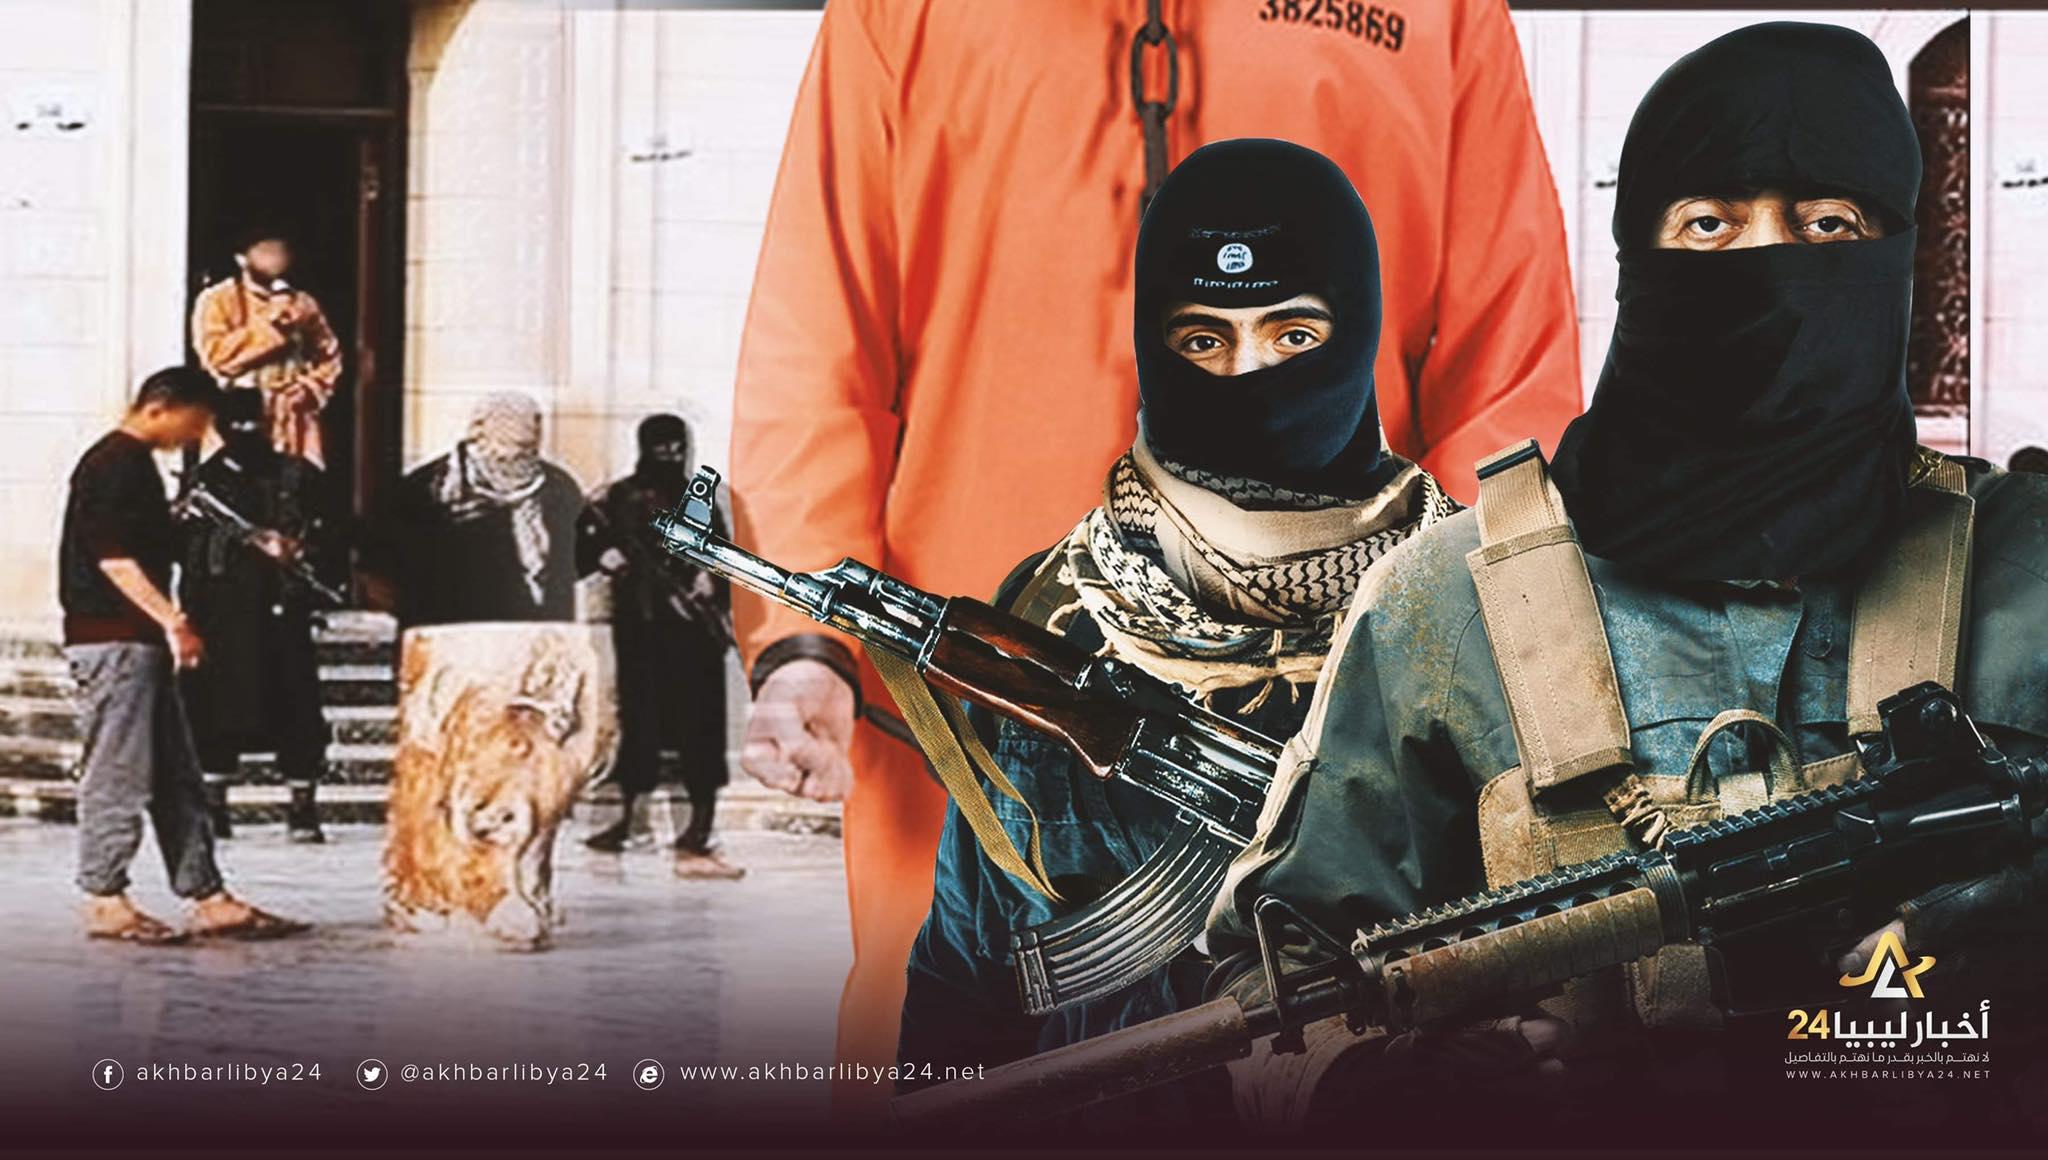 صورة اعترافات الإرهابيين تؤكد افتقادهم لأبسط معاني الإنسانية